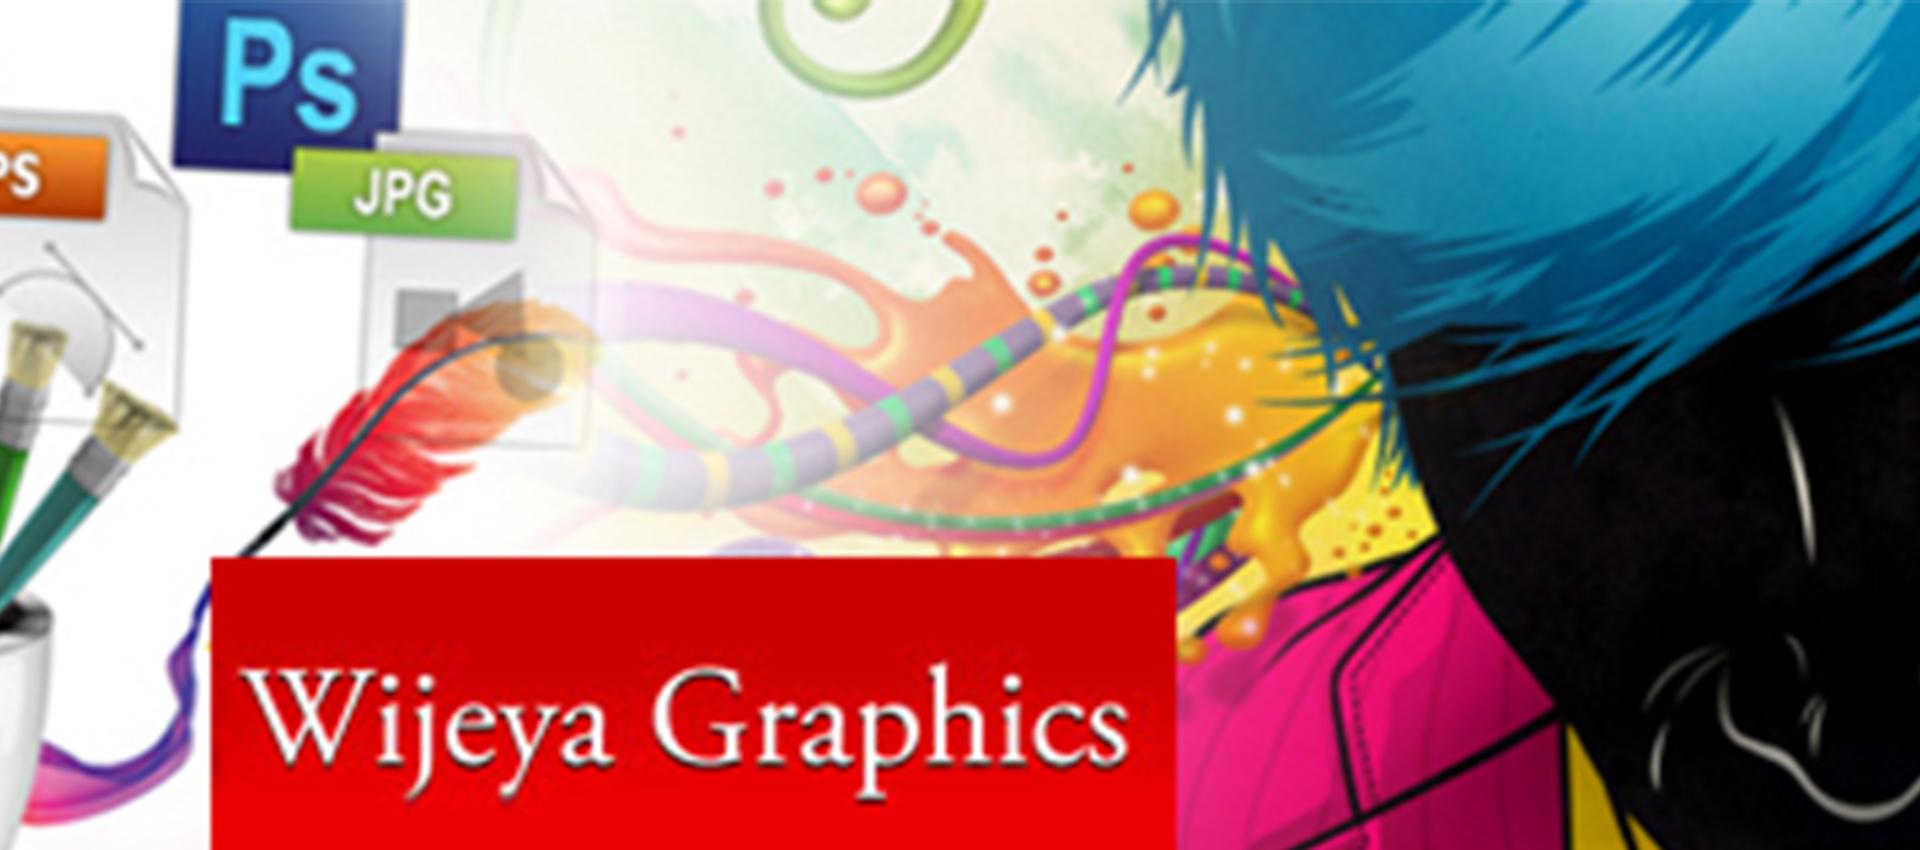 Yesman.lk - Cover Image - Wijeya Graphics